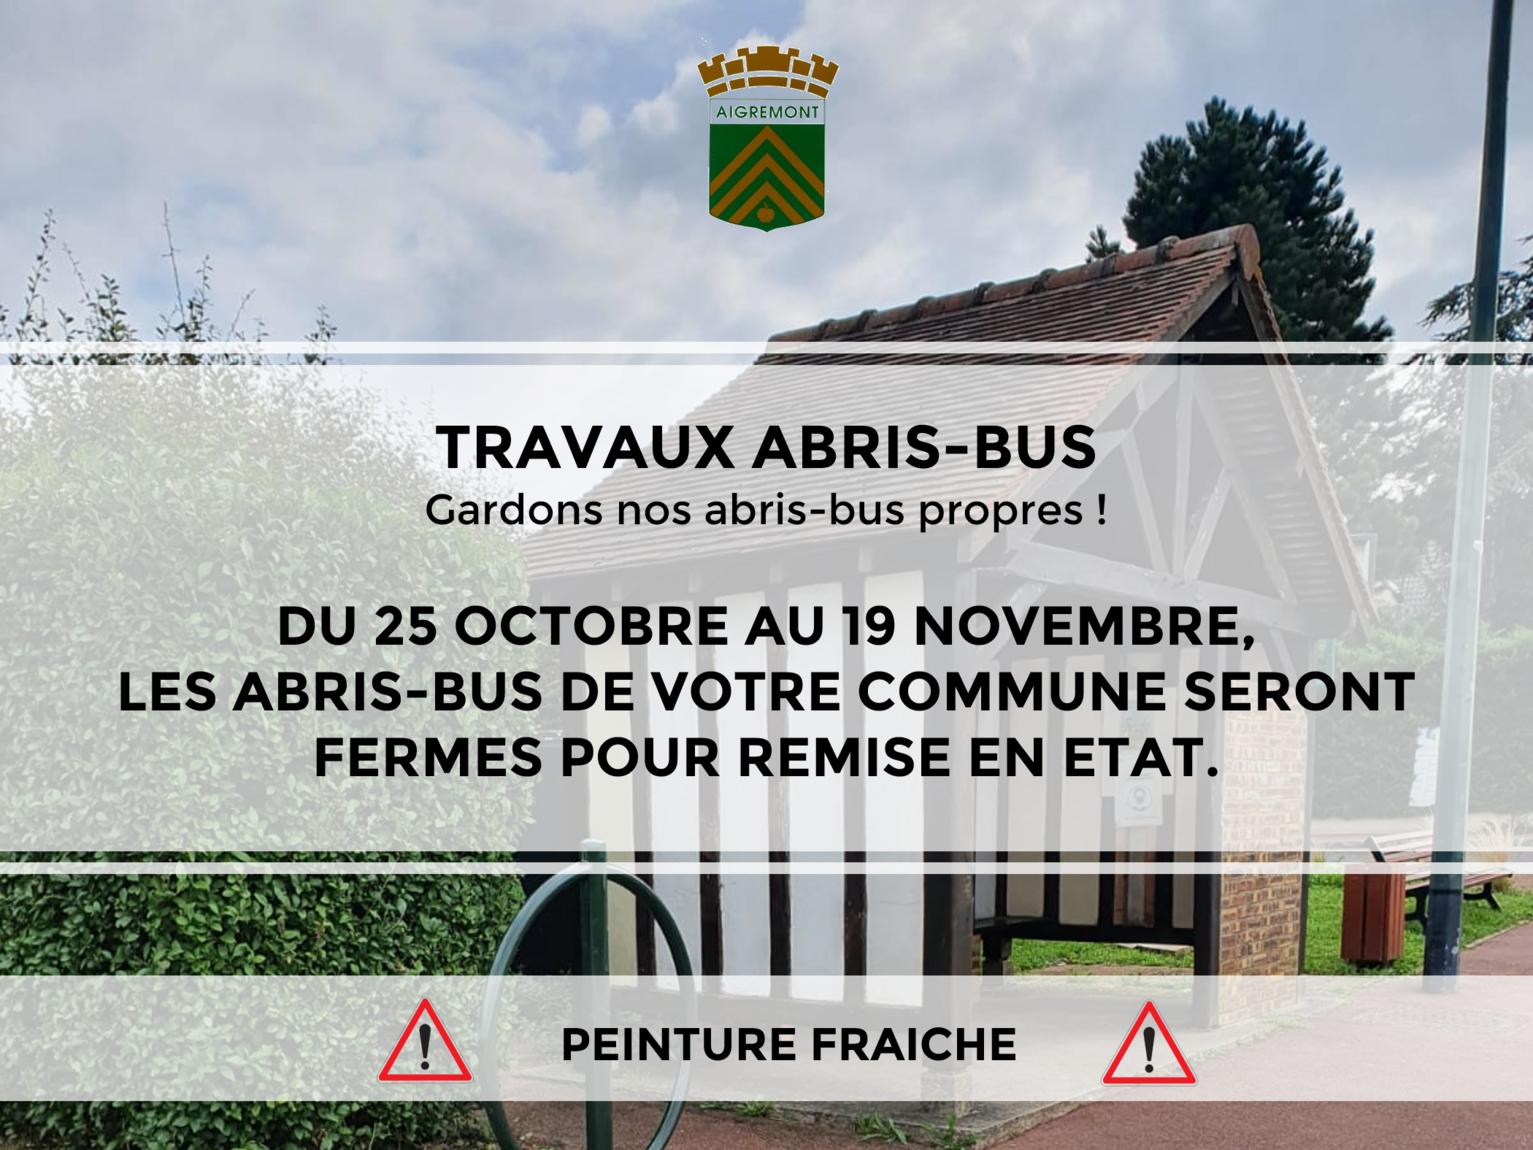 TRAVAUX ABRIS BUS